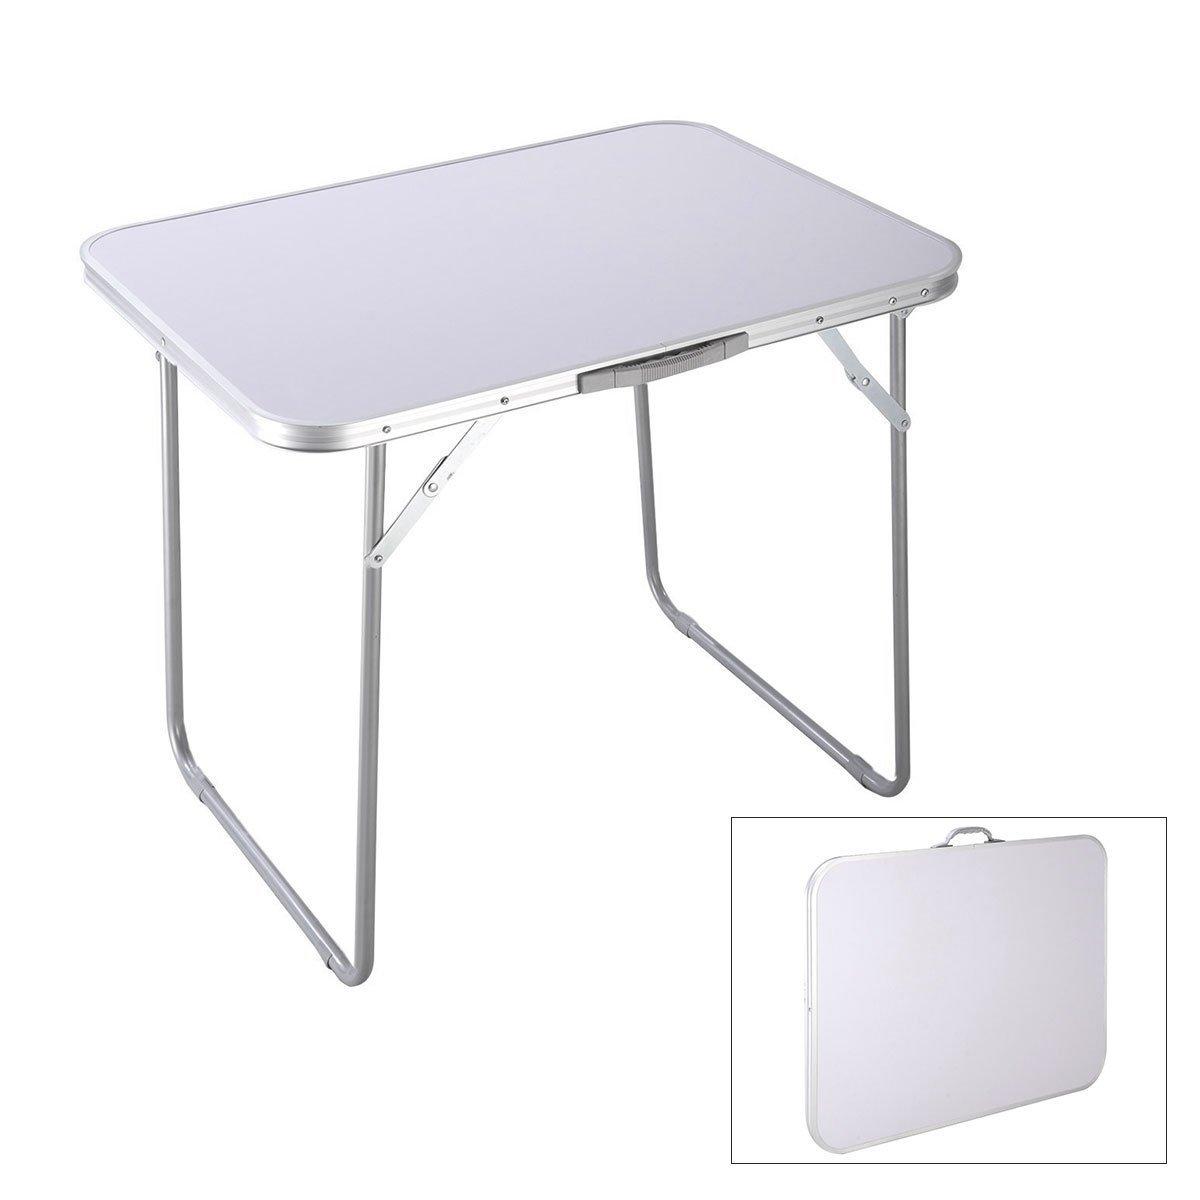 ポータブルキャンプテーブル屋外折りたたみアルミニウムピクニックパーティーダイニングデスク/屋外,White B07GK76J7H White